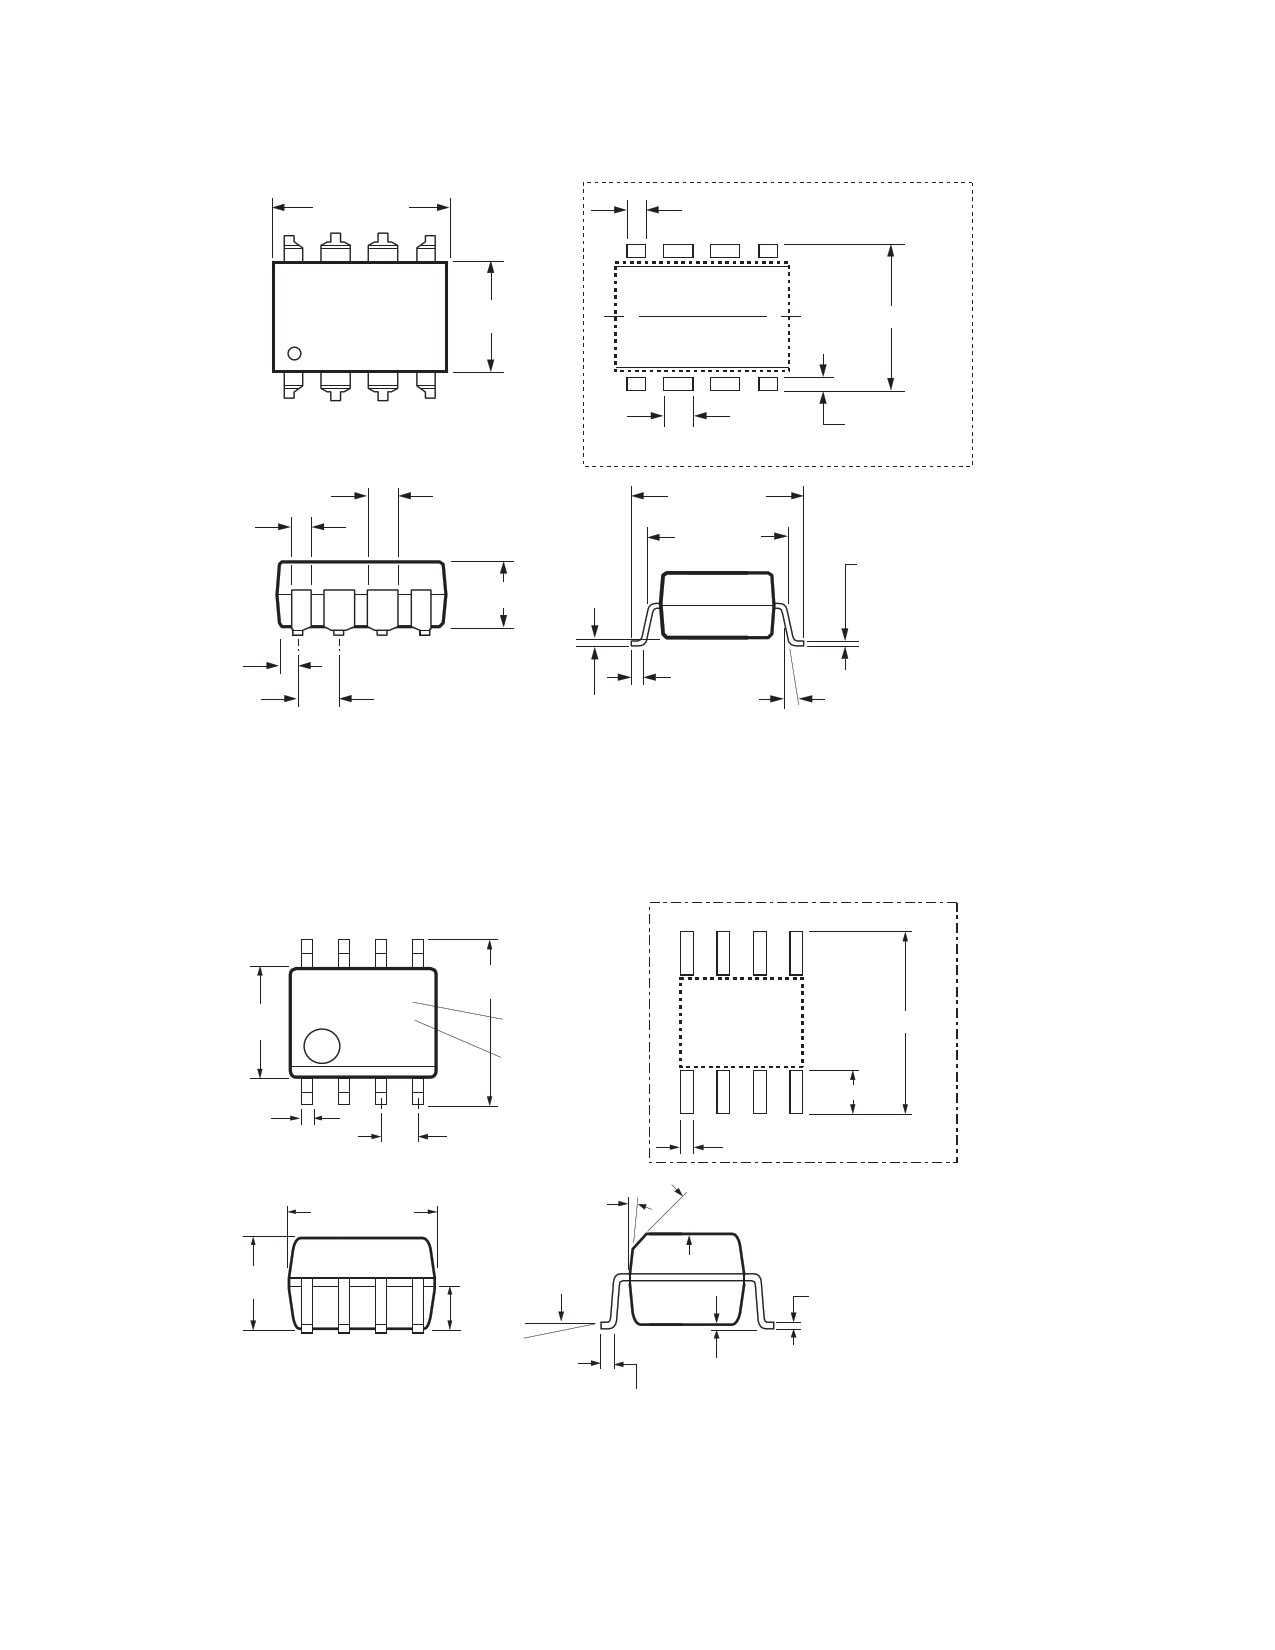 HCPL-7723 pdf, 電子部品, 半導体, ピン配列